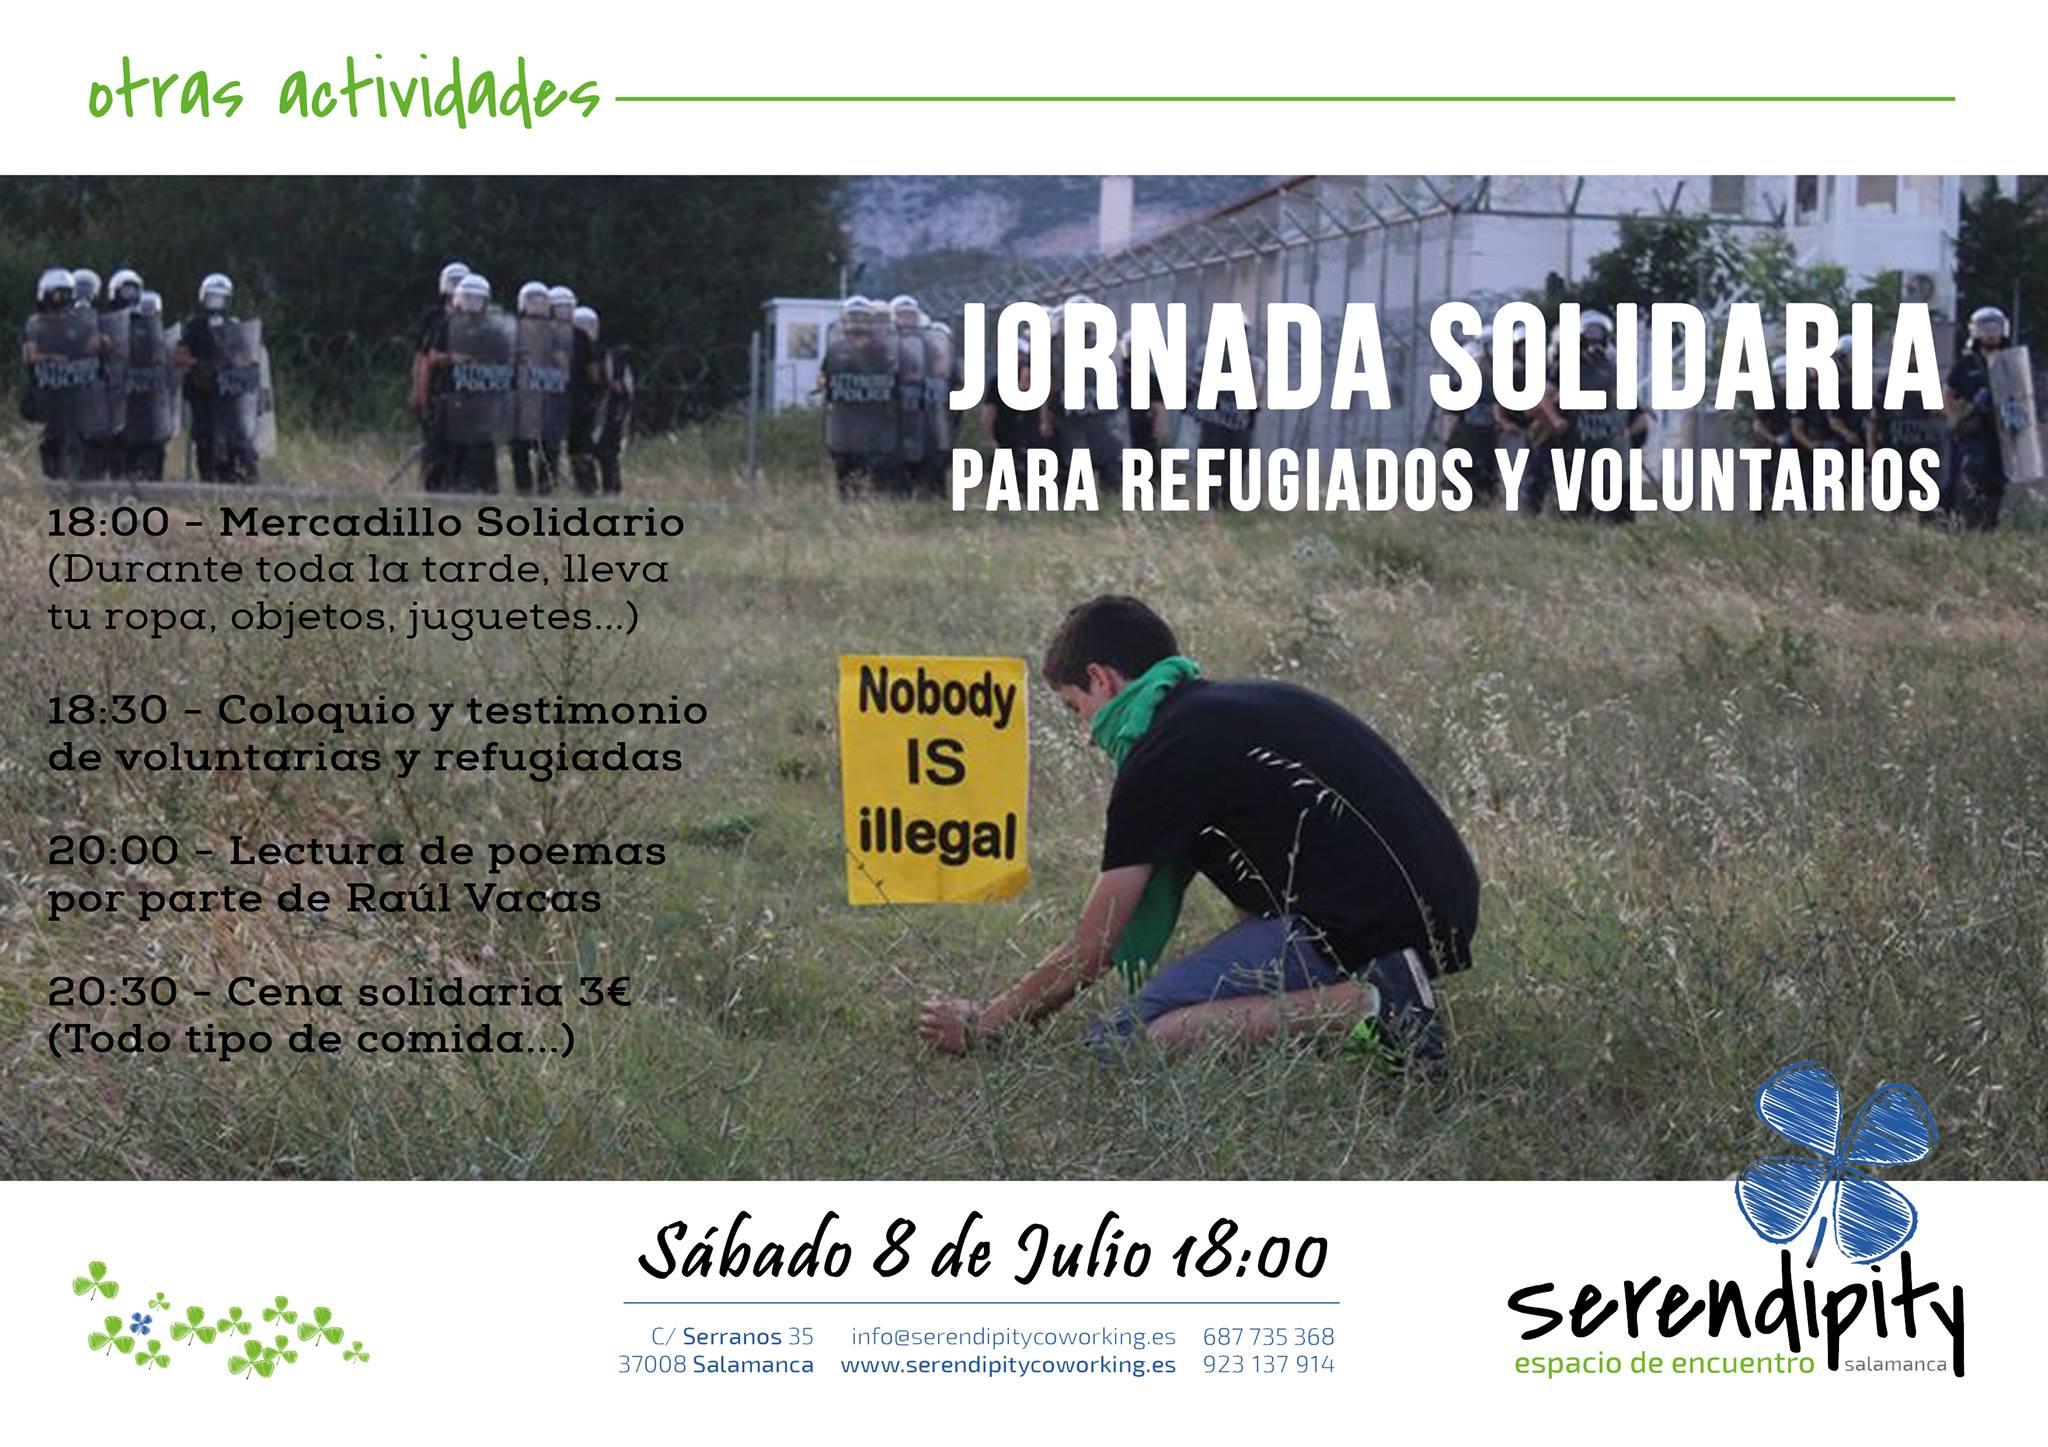 Jornada Solidaria para Refugiados y Voluntarios